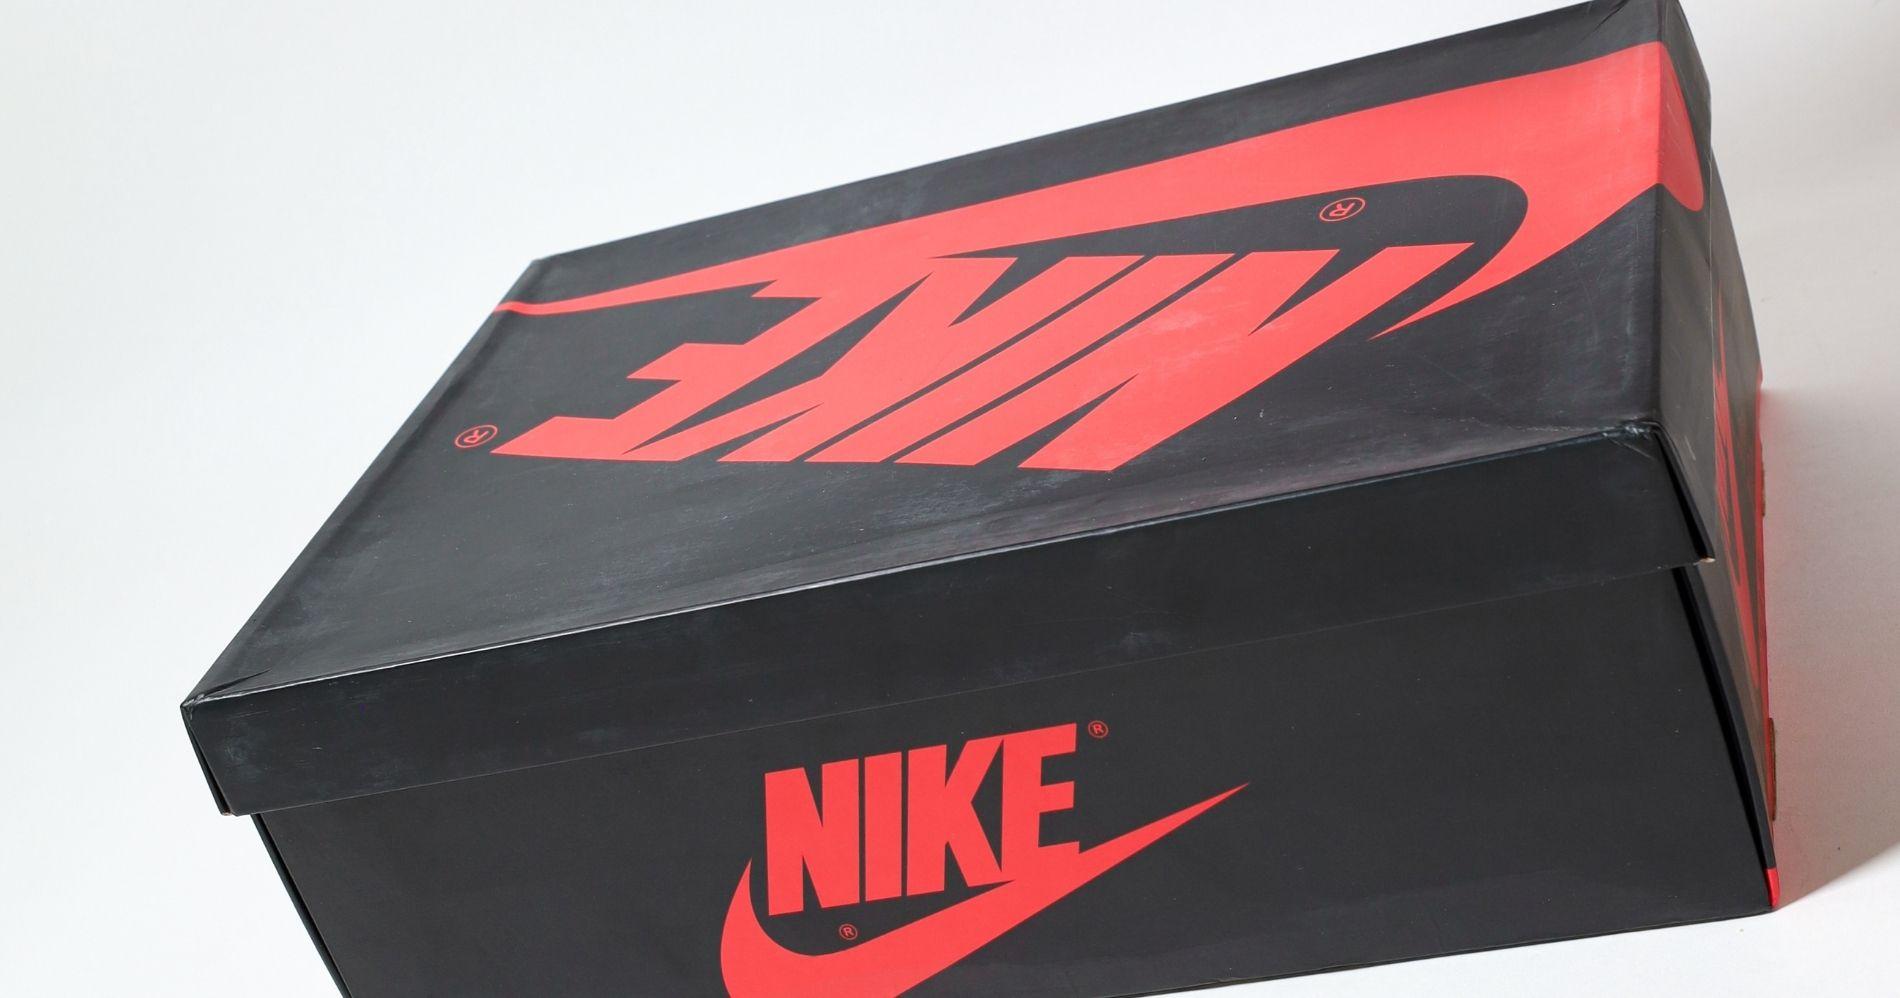 Nike Illustration - Canva